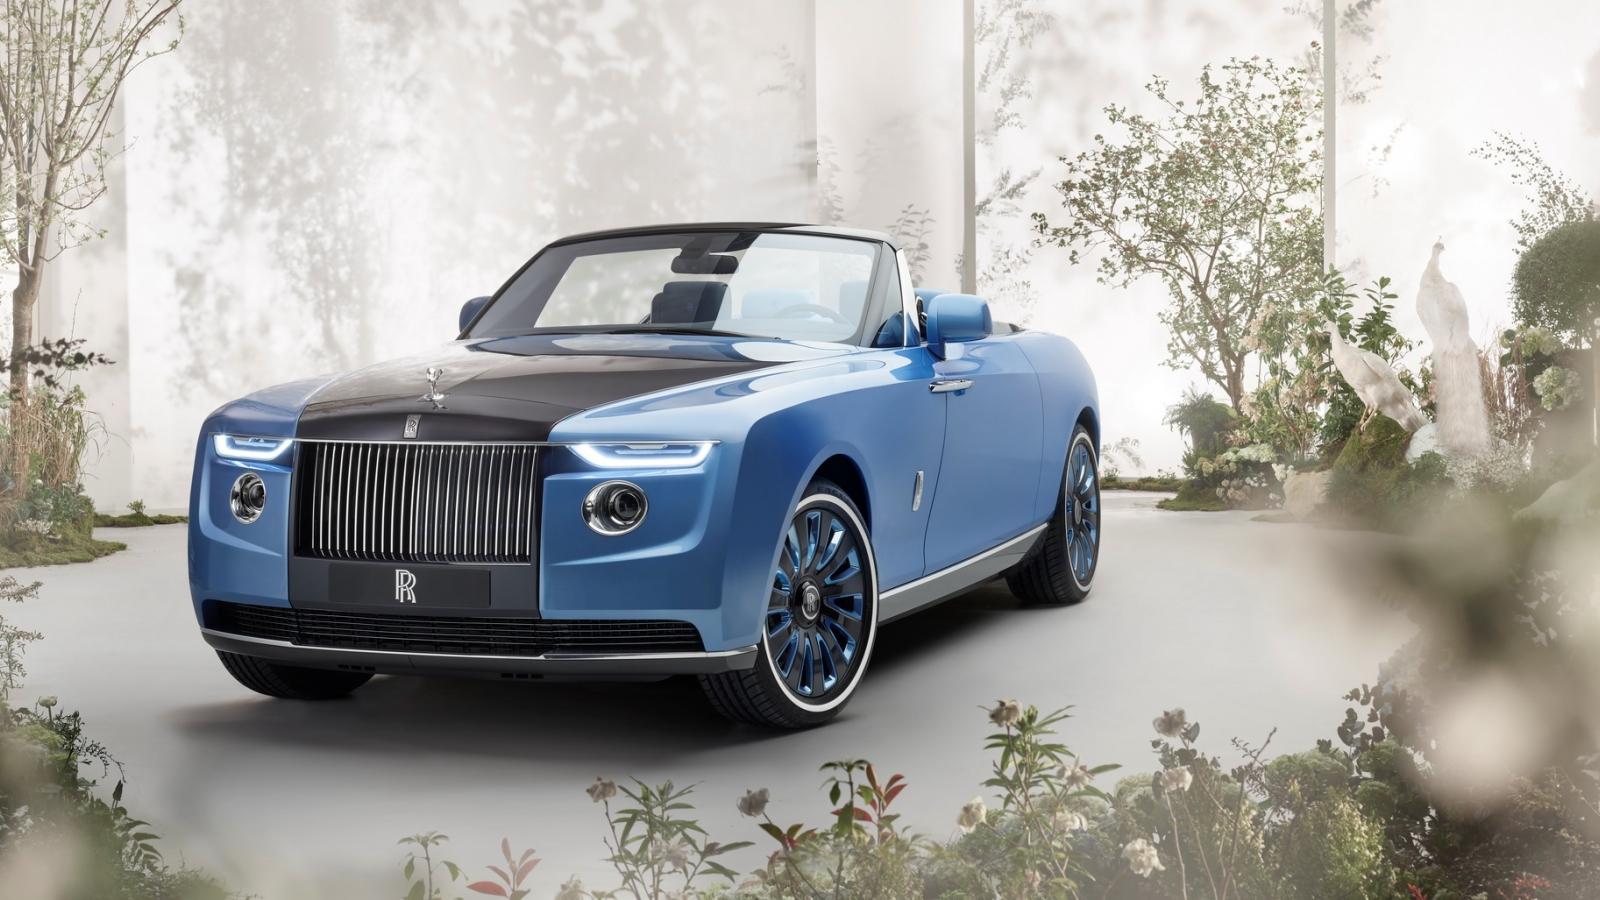 Rolls-Royce Boat Tail - Mẫu xe phá vỡ kỷ lục với ô tô siêu sang giá 28 triệu USD